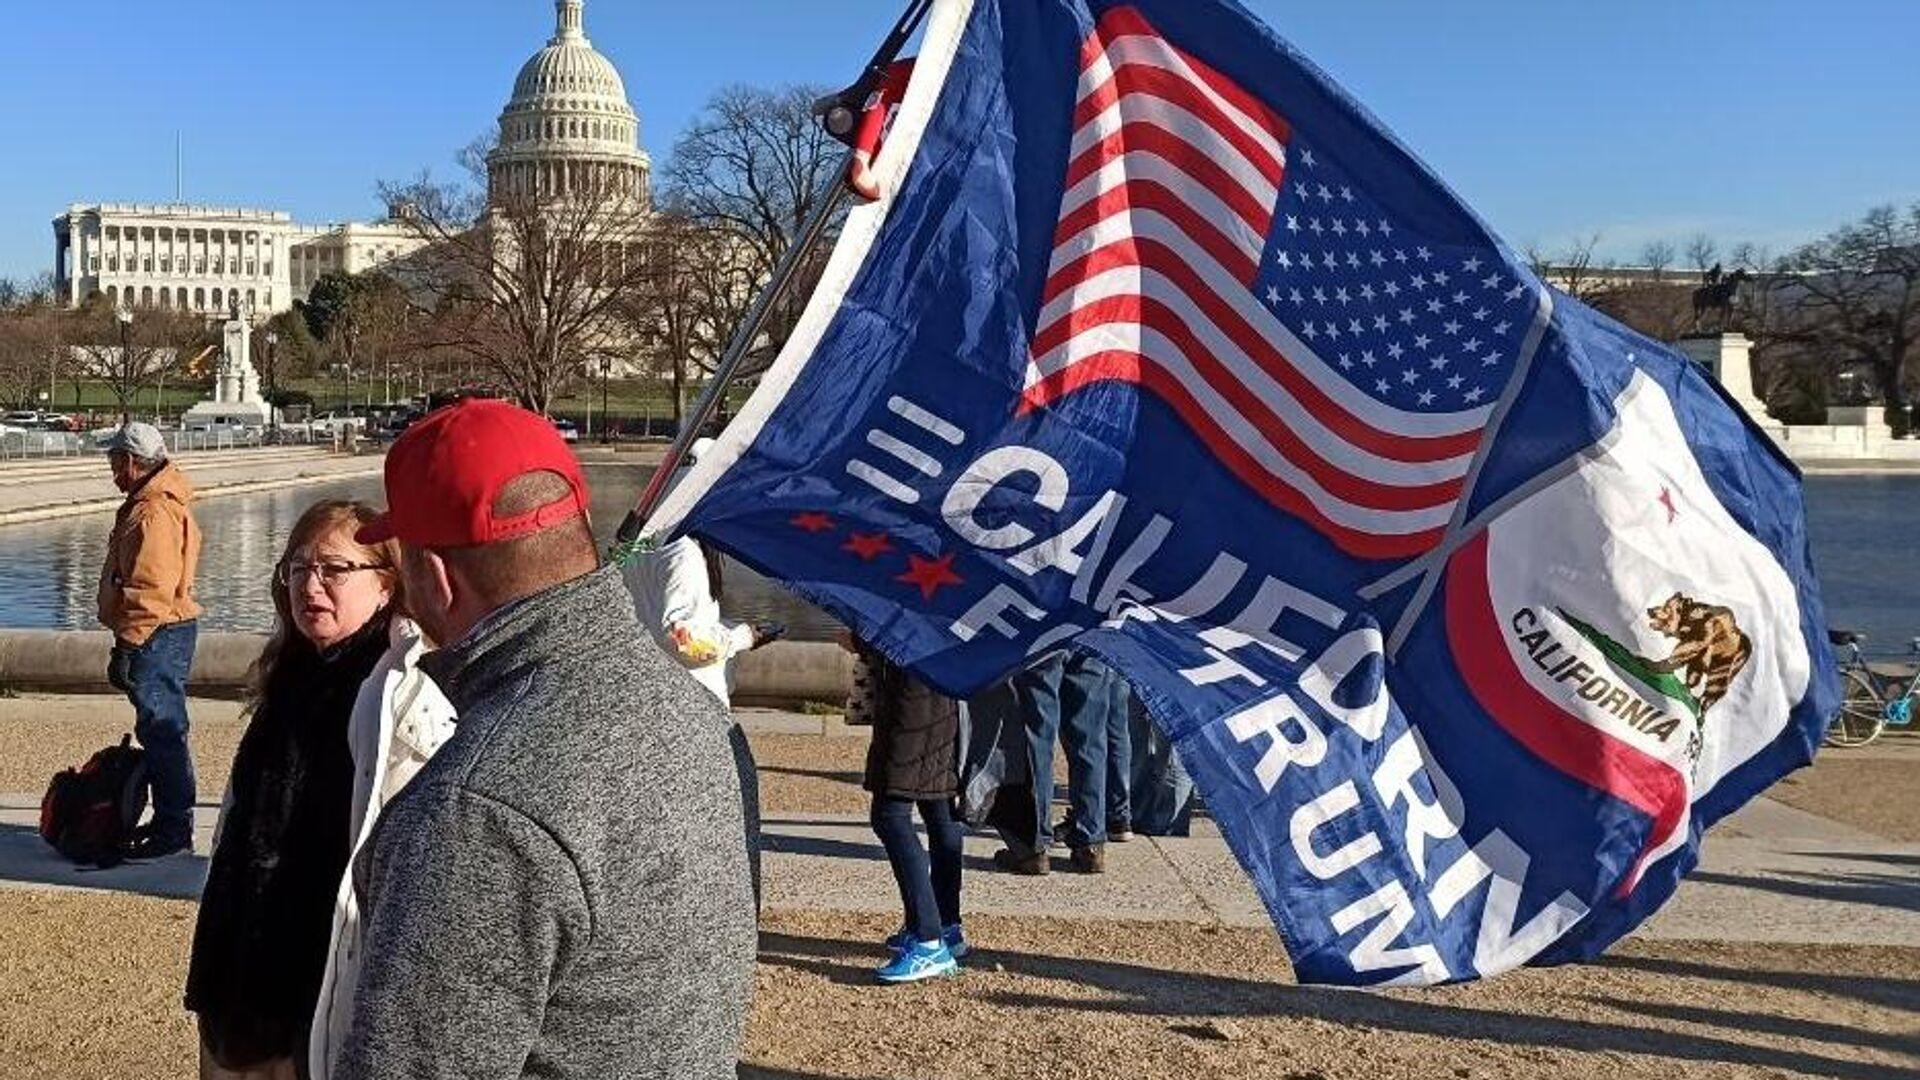 Мужчина с флагом сторонников Дональда Трампа на Капитолийском холме в Вашингтоне - РИА Новости, 1920, 10.01.2021